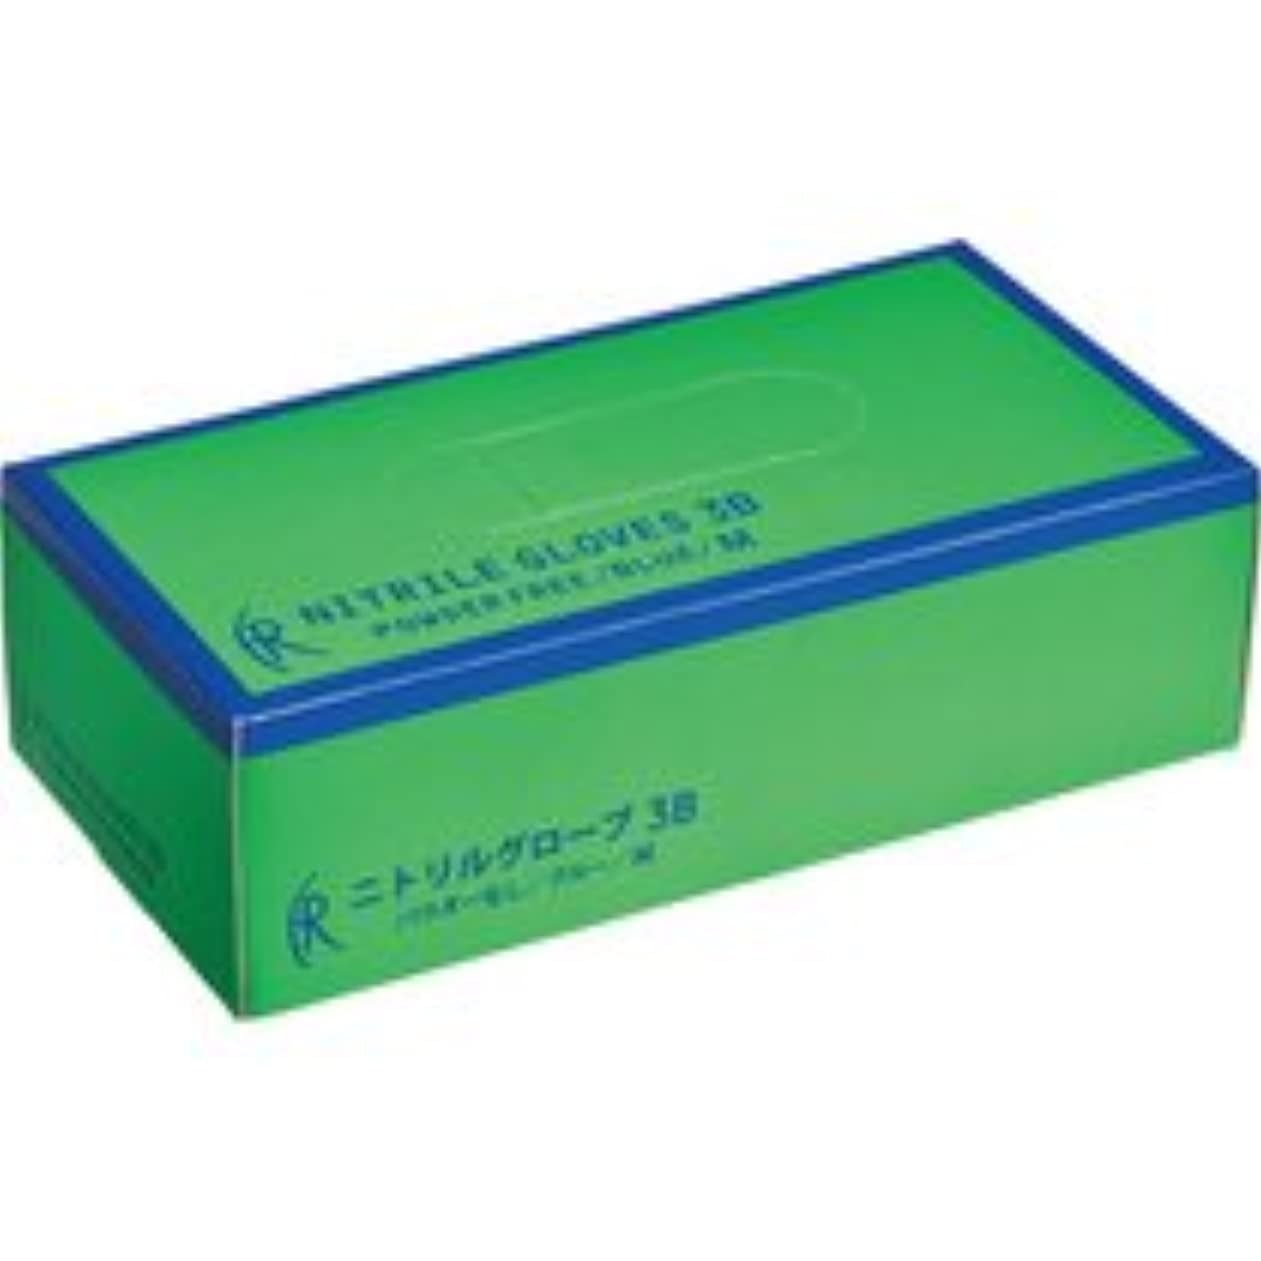 プログレッシブずんぐりした出費ファーストレイト ニトリルグローブ3B パウダーフリー M FR-5662 1箱(200枚)